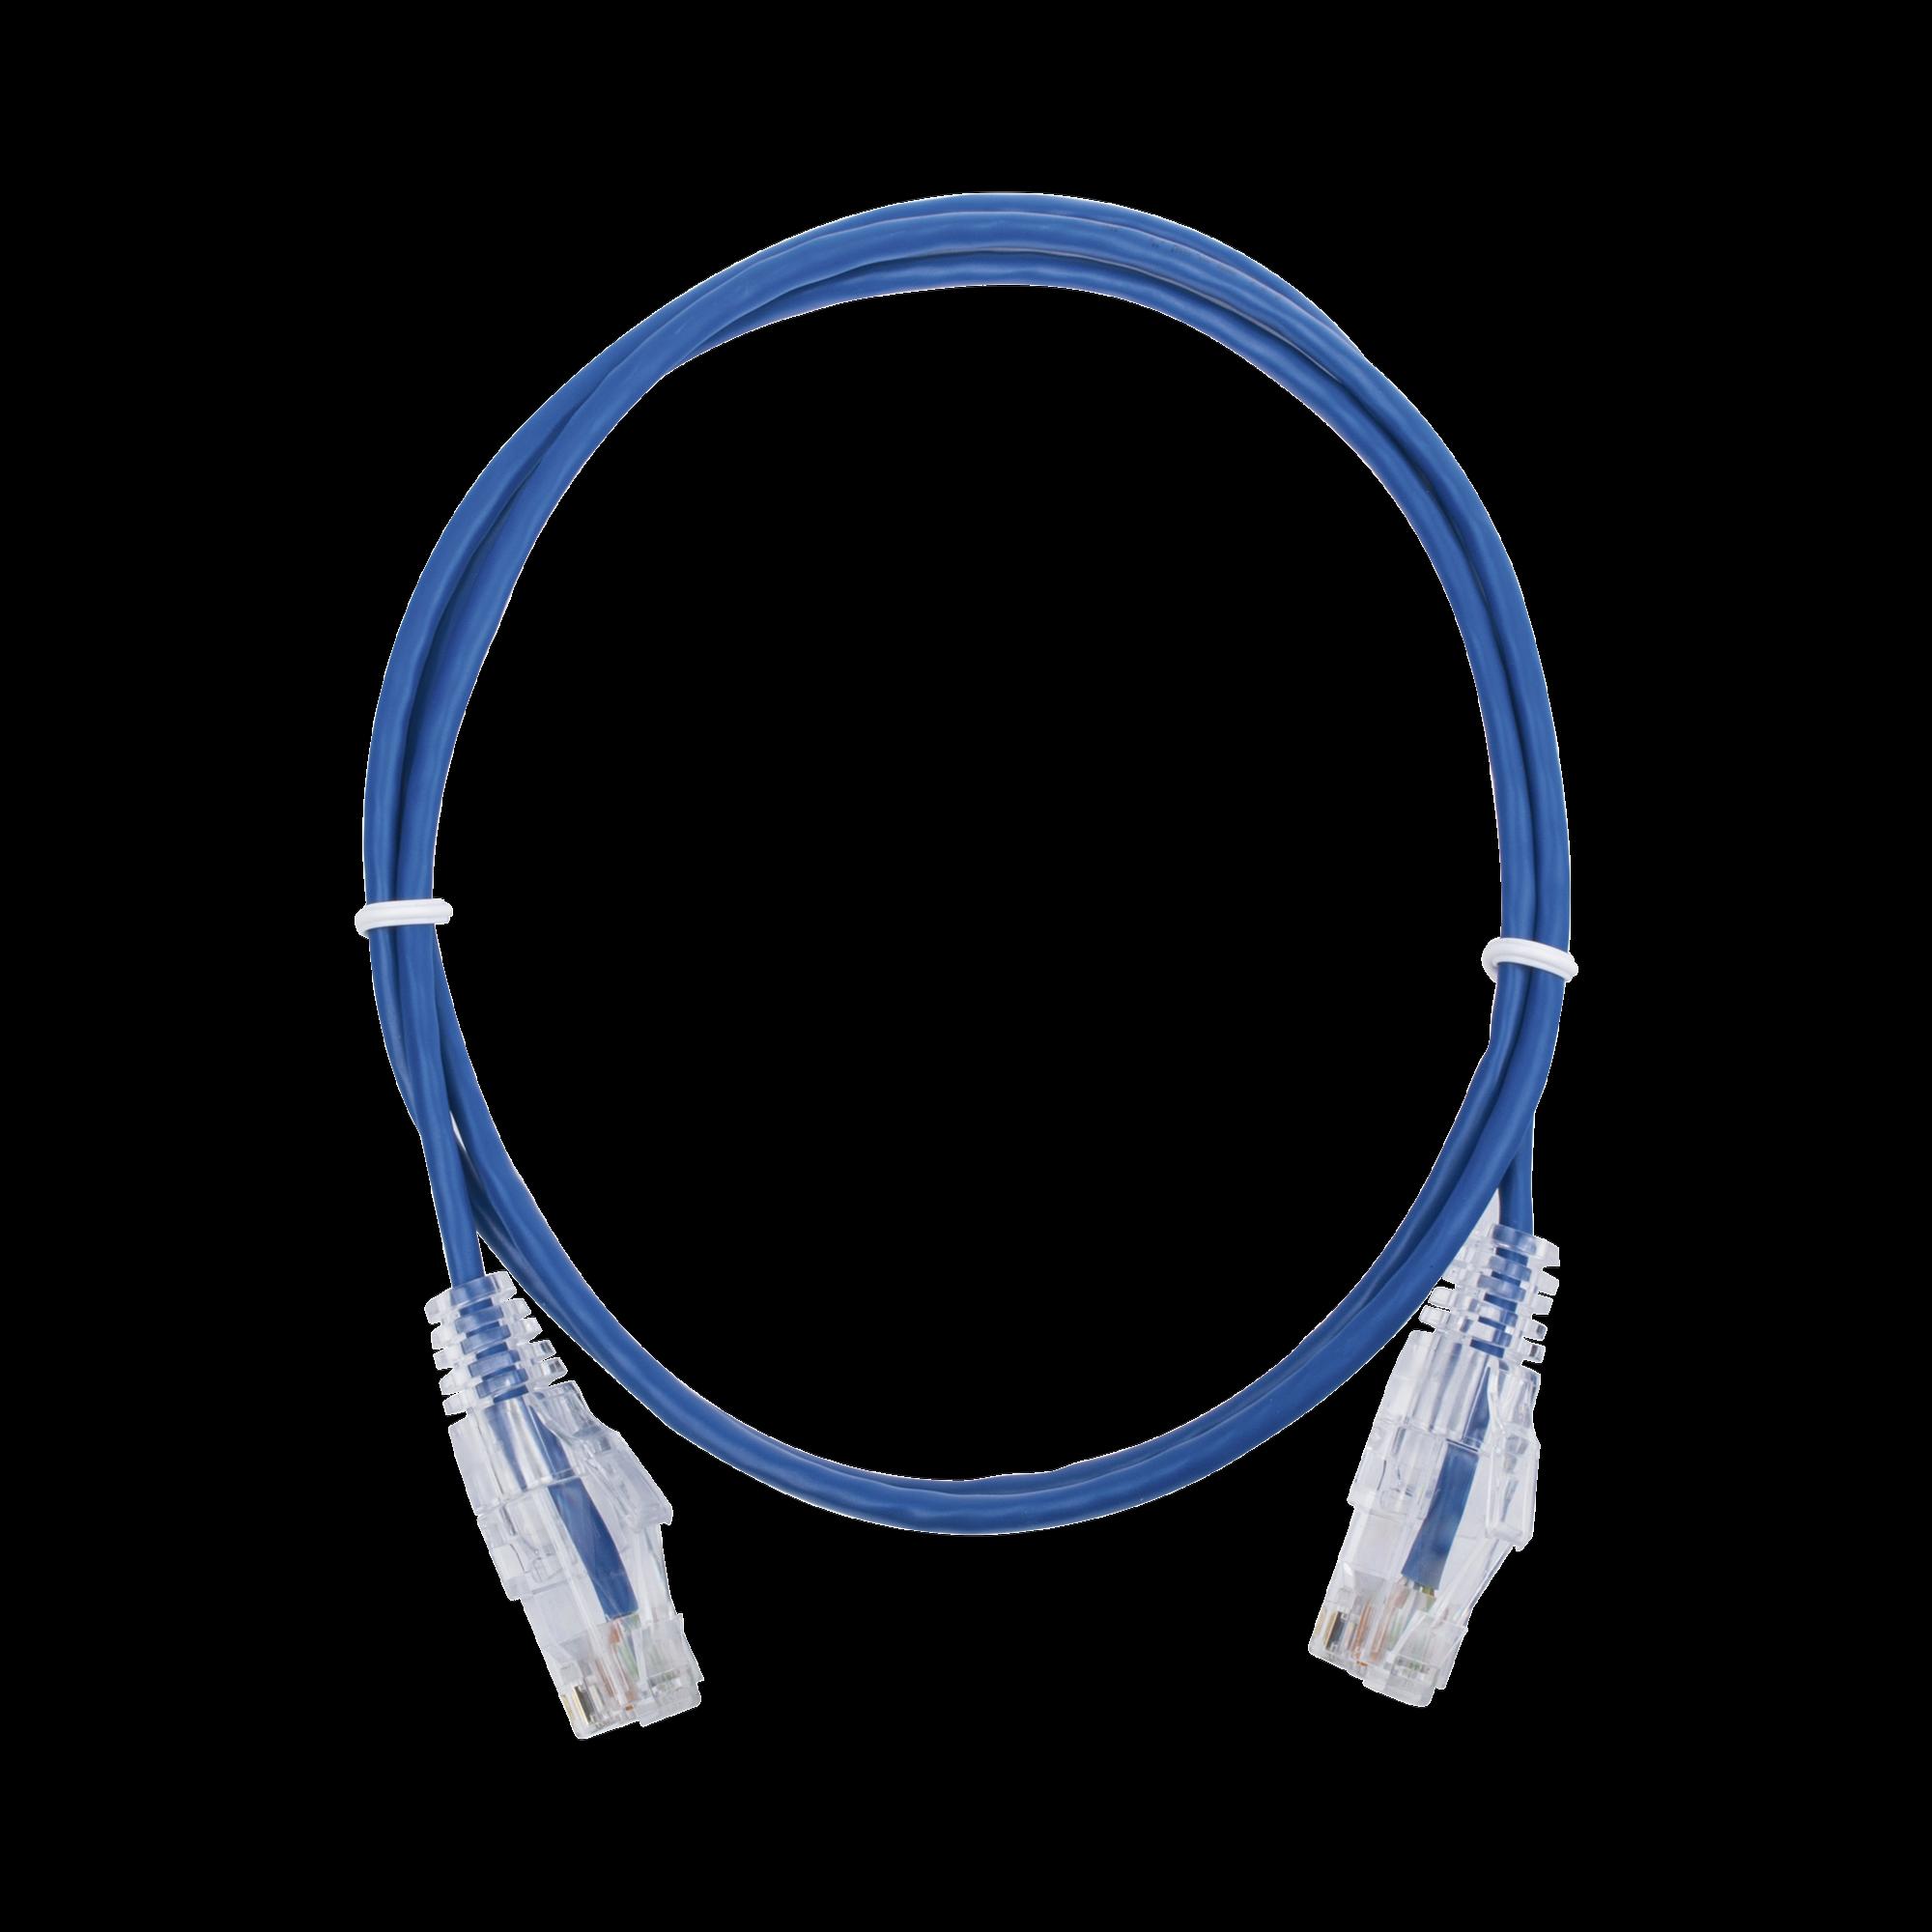 Cable de Parcheo Slim UTP Cat6 - 1 metro, Azul, Diámetro Reducido (28 AWG)